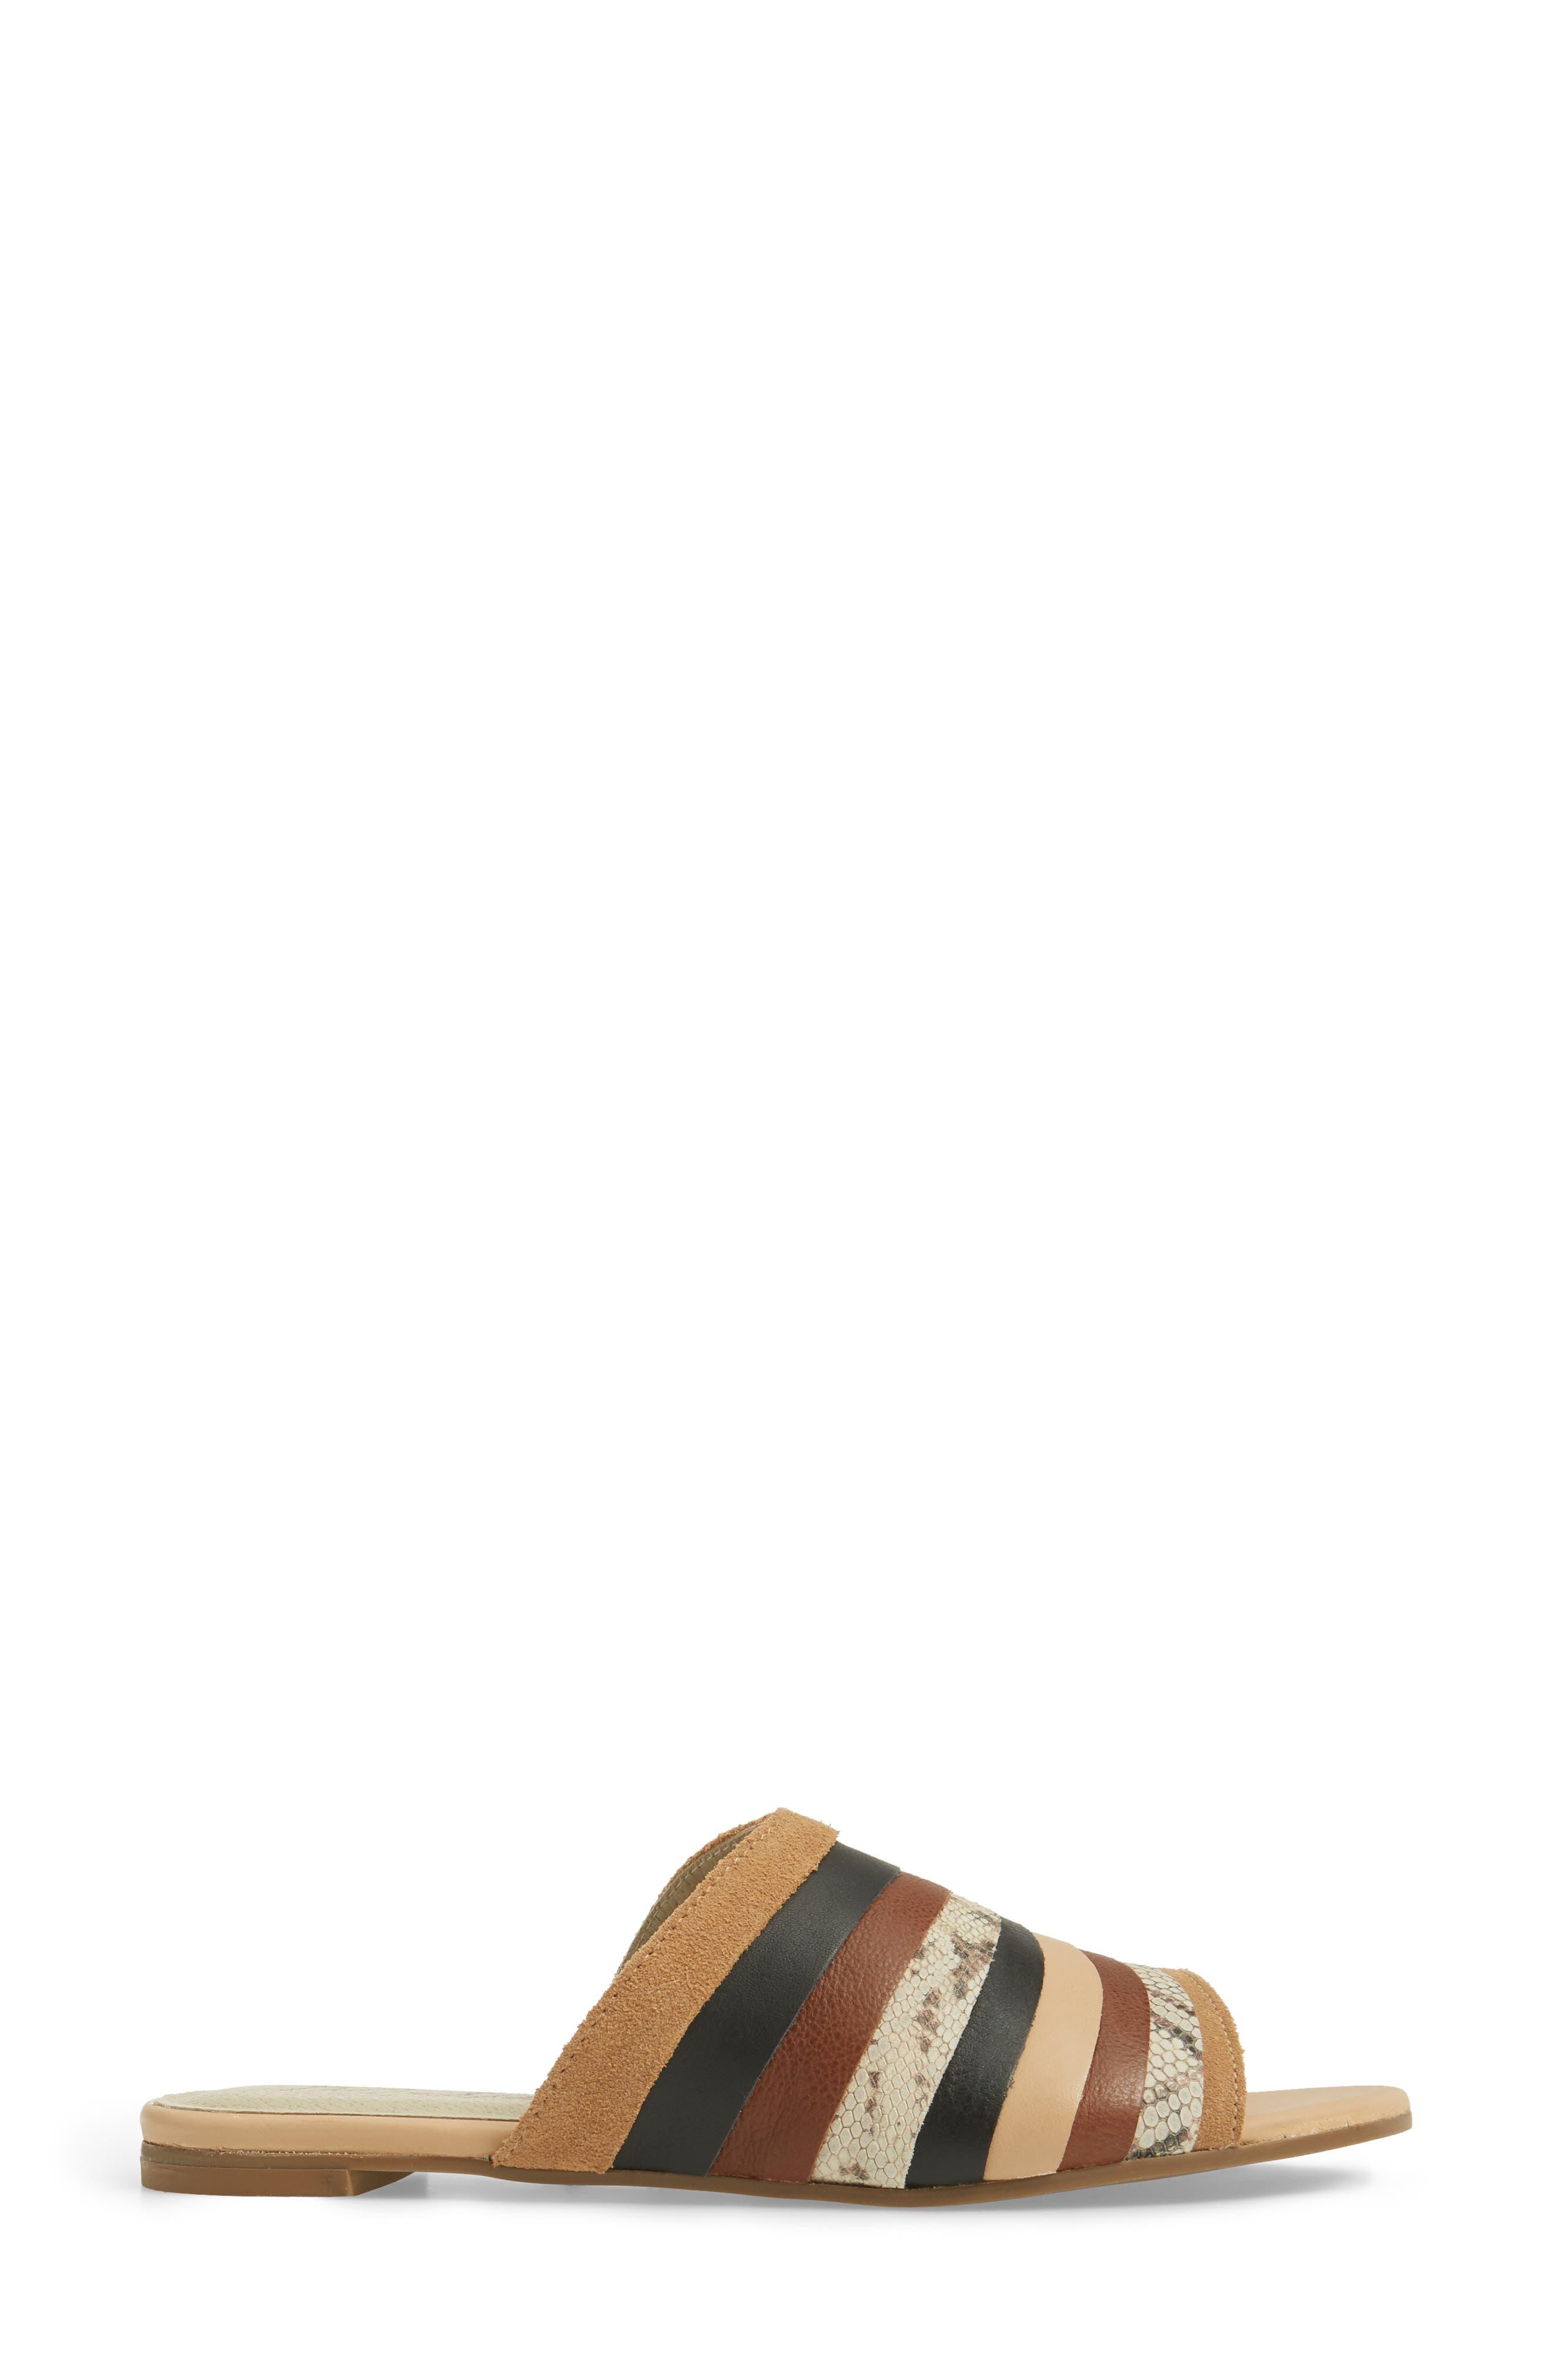 Moody Slide Sandal,                             Alternate thumbnail 3, color,                             250